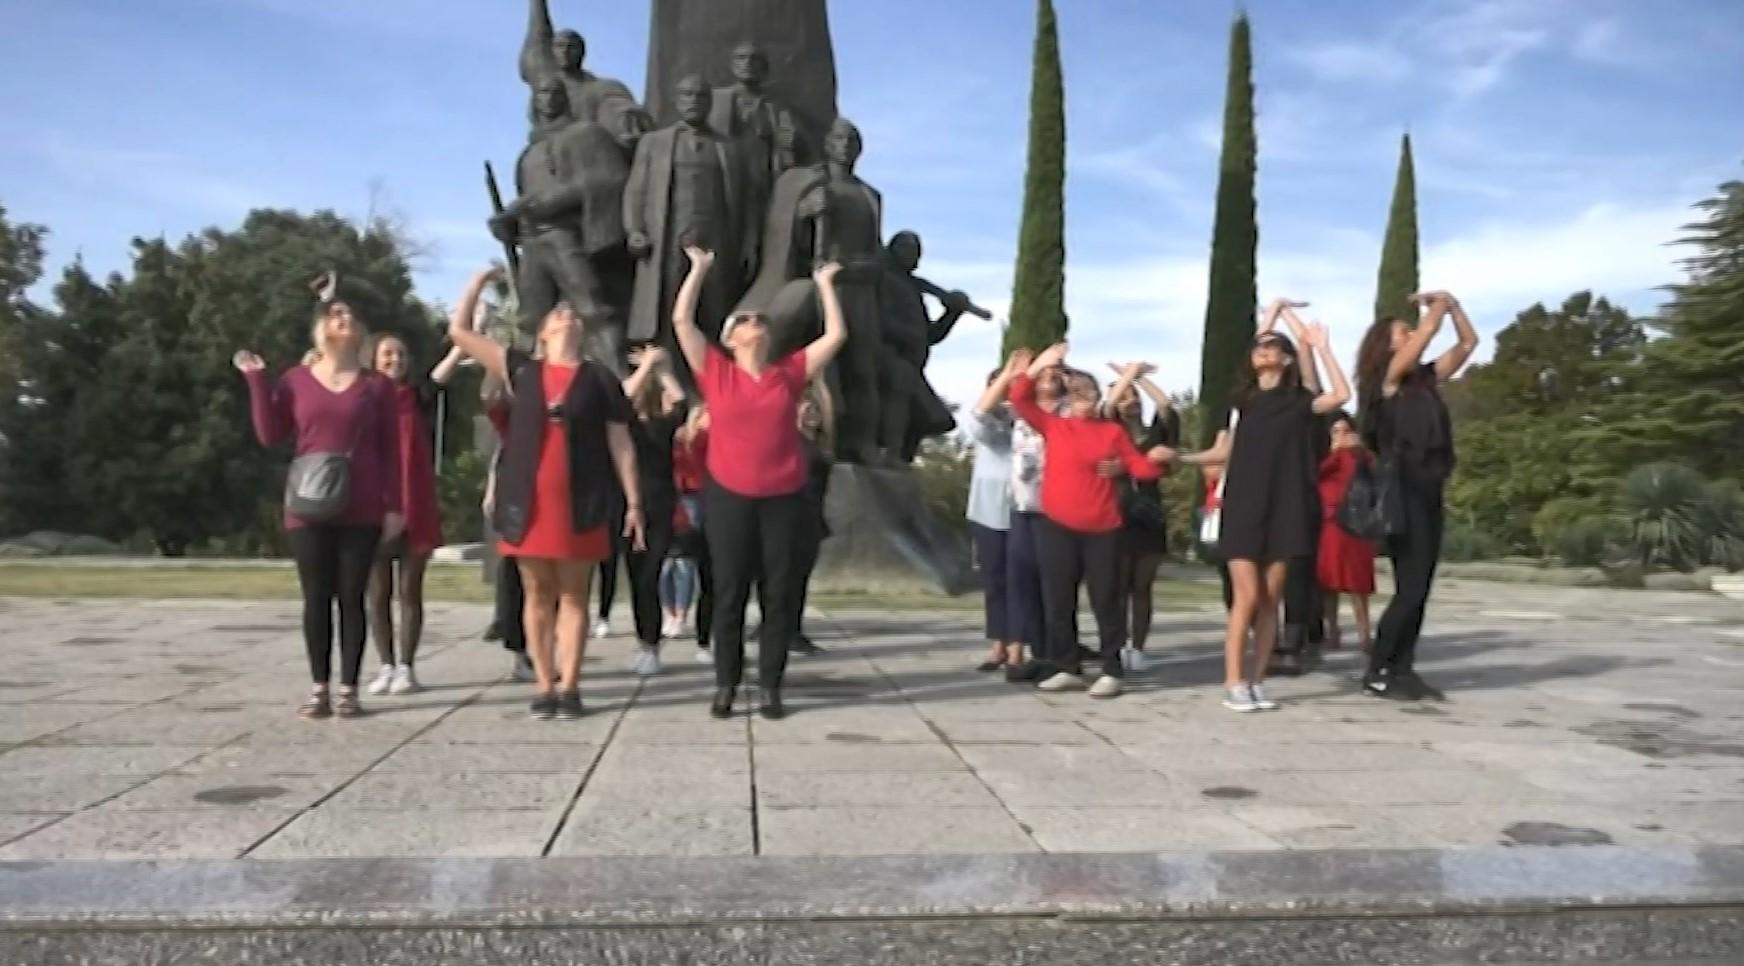 28 vajza nga Kosova të quajtura Vlora vizituan qytetin e Pavarësisë